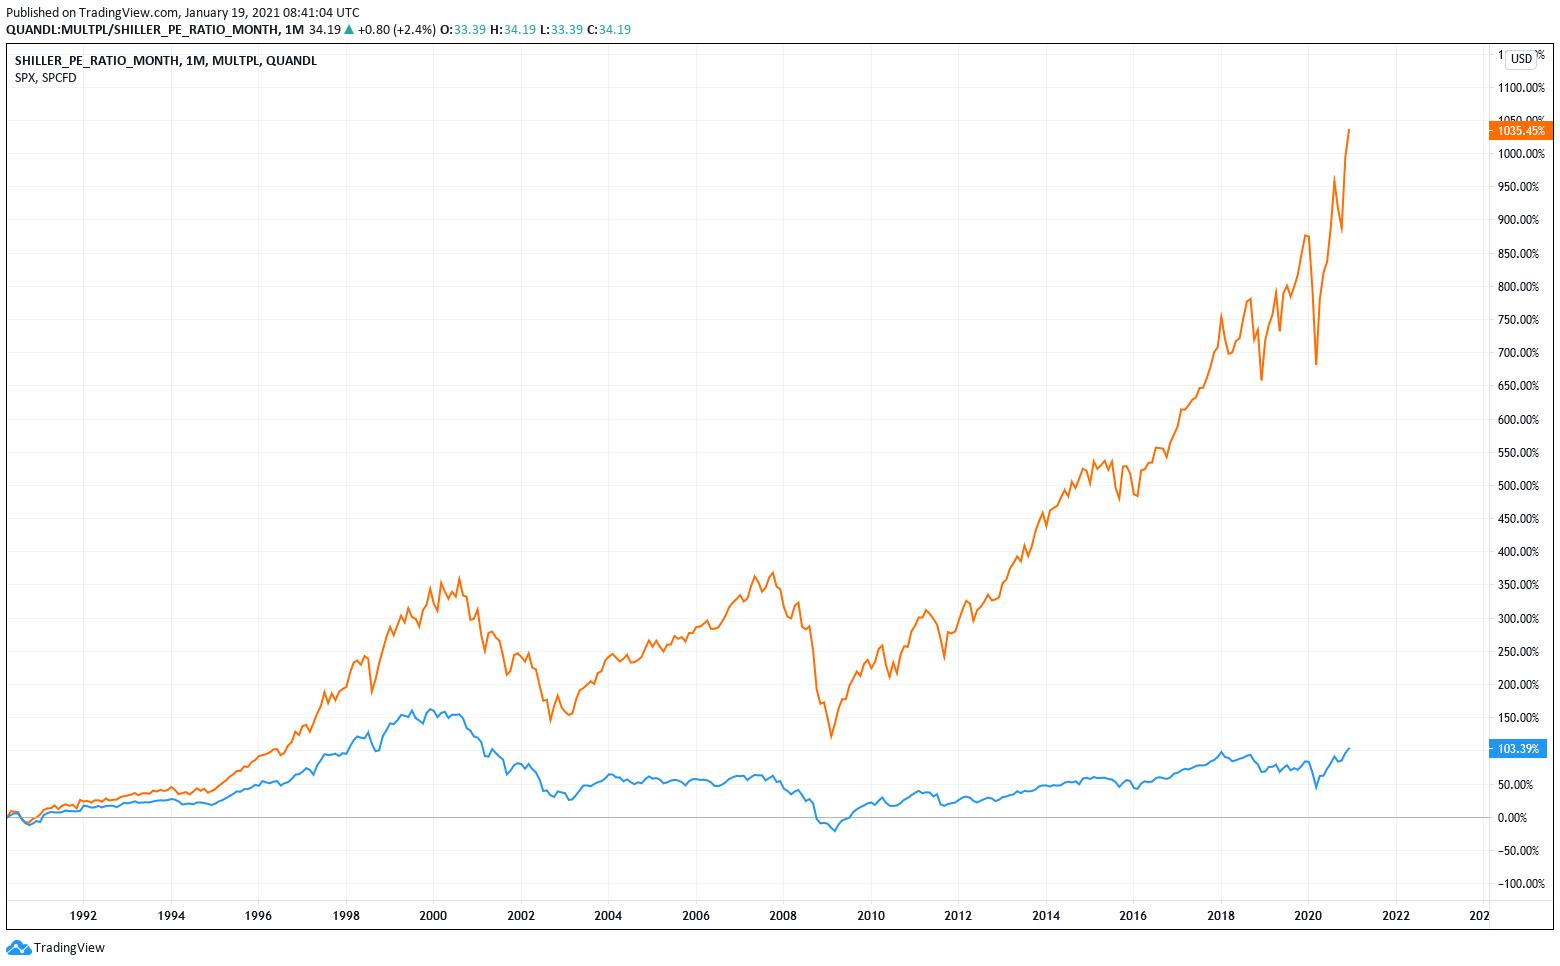 Shiller KGV und S&P 500 Index im Vergleich